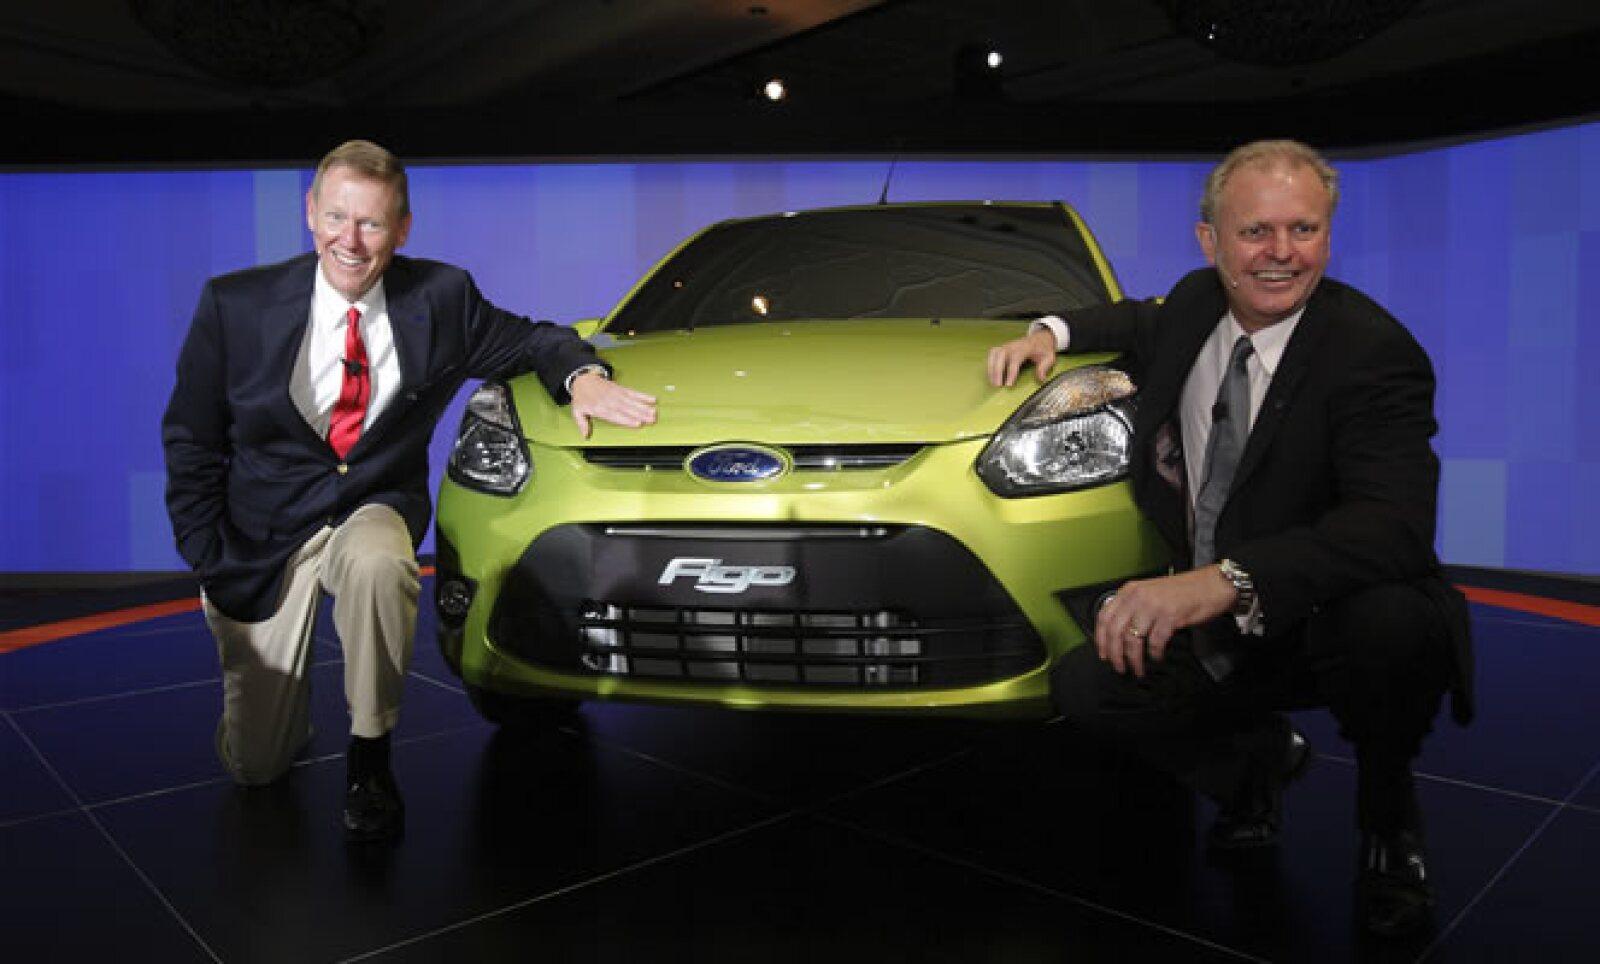 Ford anunció el miércoles el lanzamiento del auto pequeño Figo en India a inicios de 2010. El presidente ejecutivo, Alan Mulally (izq.) dijo que el creciente mercado de Asia jugará un rol más importante en sus ventas. Aquí, con el presidente de Ford India